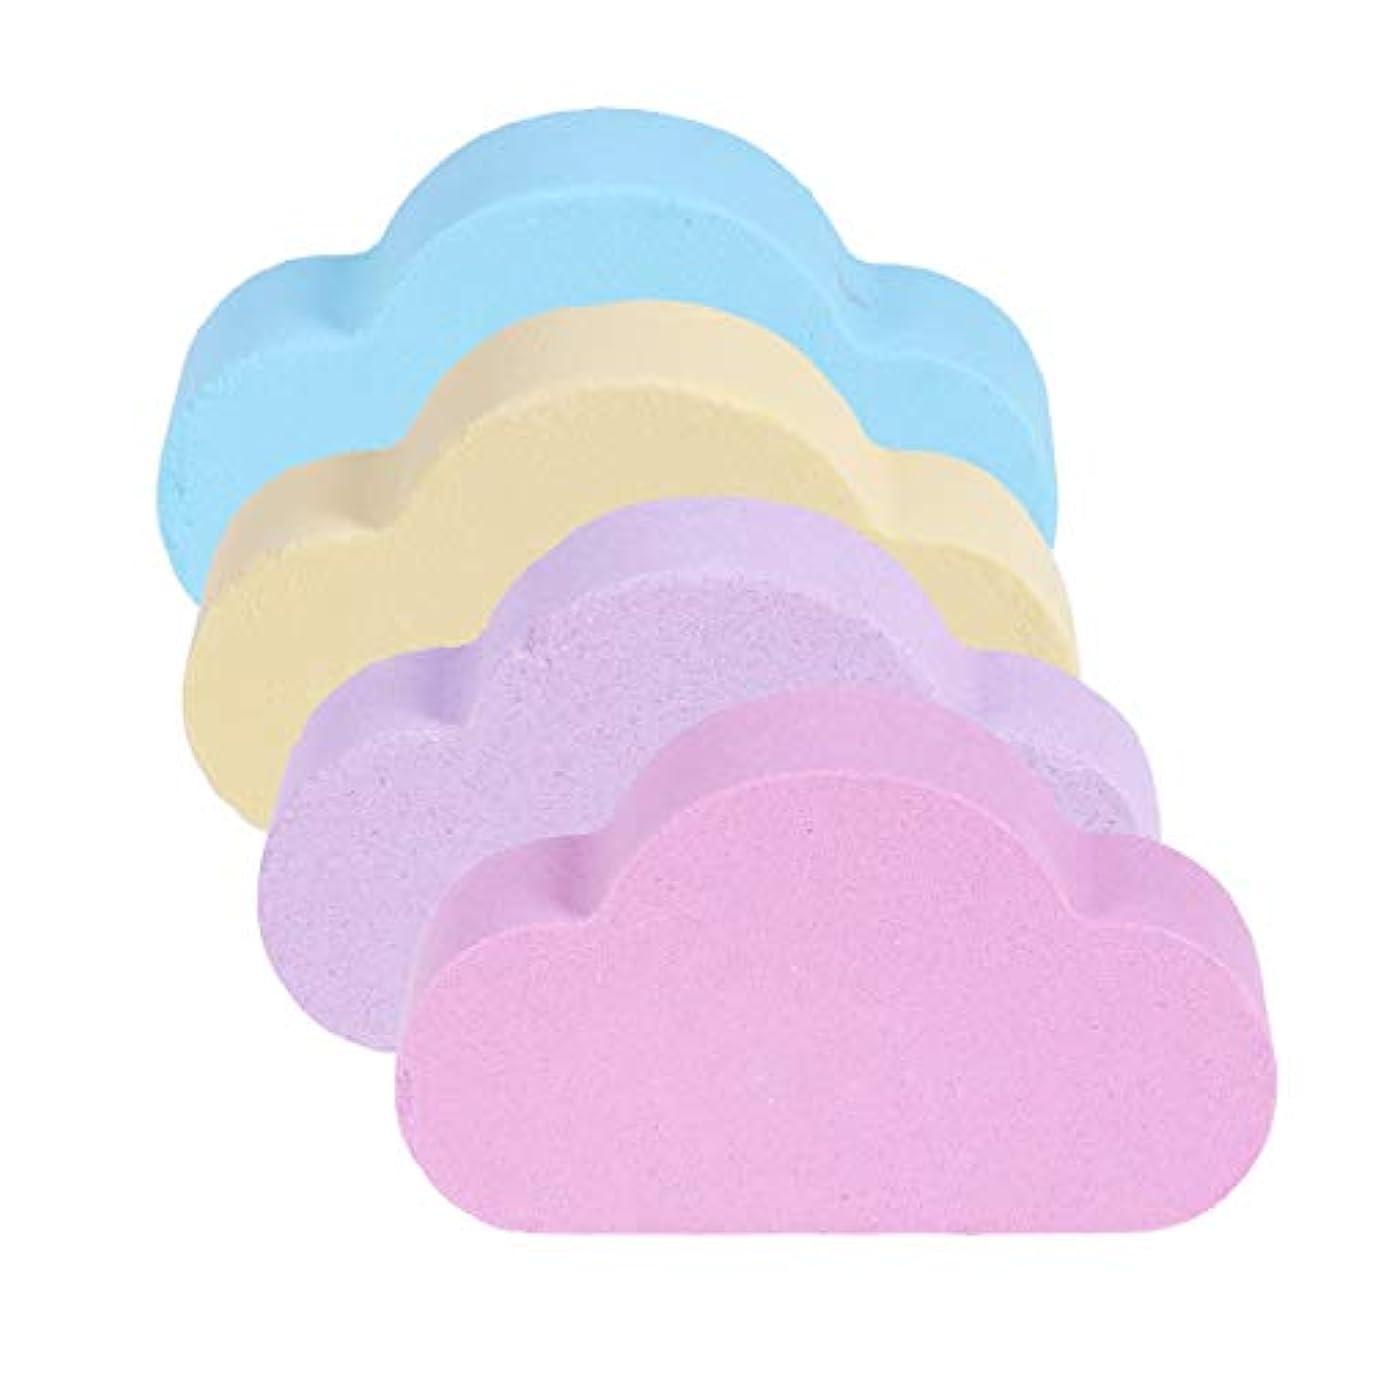 キリン適合する母性SUPVOX 4本入浴爆弾エッセンシャルオイルクラウドシェイプ塩バブル家庭用スキンケア風呂用品用バブルスパ風呂ギフト(カラフル)